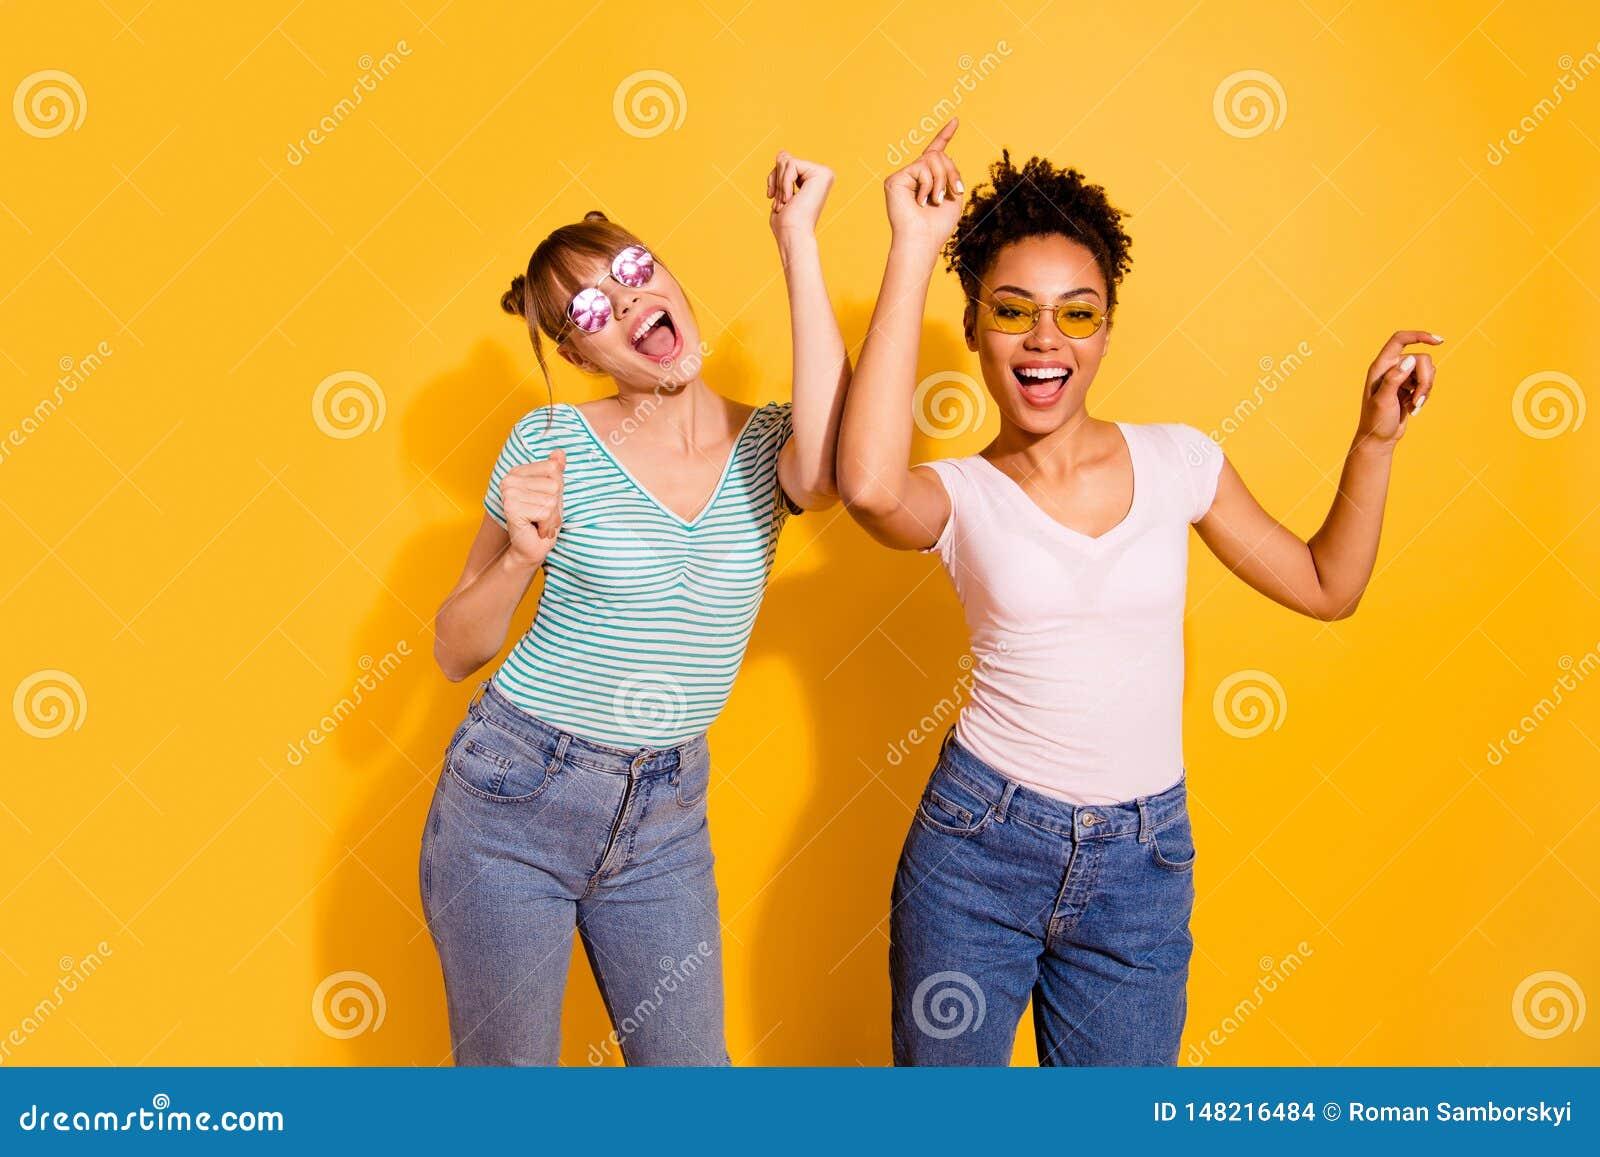 Slutet upp härligt roligt för foto bär hon hennes damhandarmar som lyfts upp spännande olika nationaliteter för modern rörelse, s